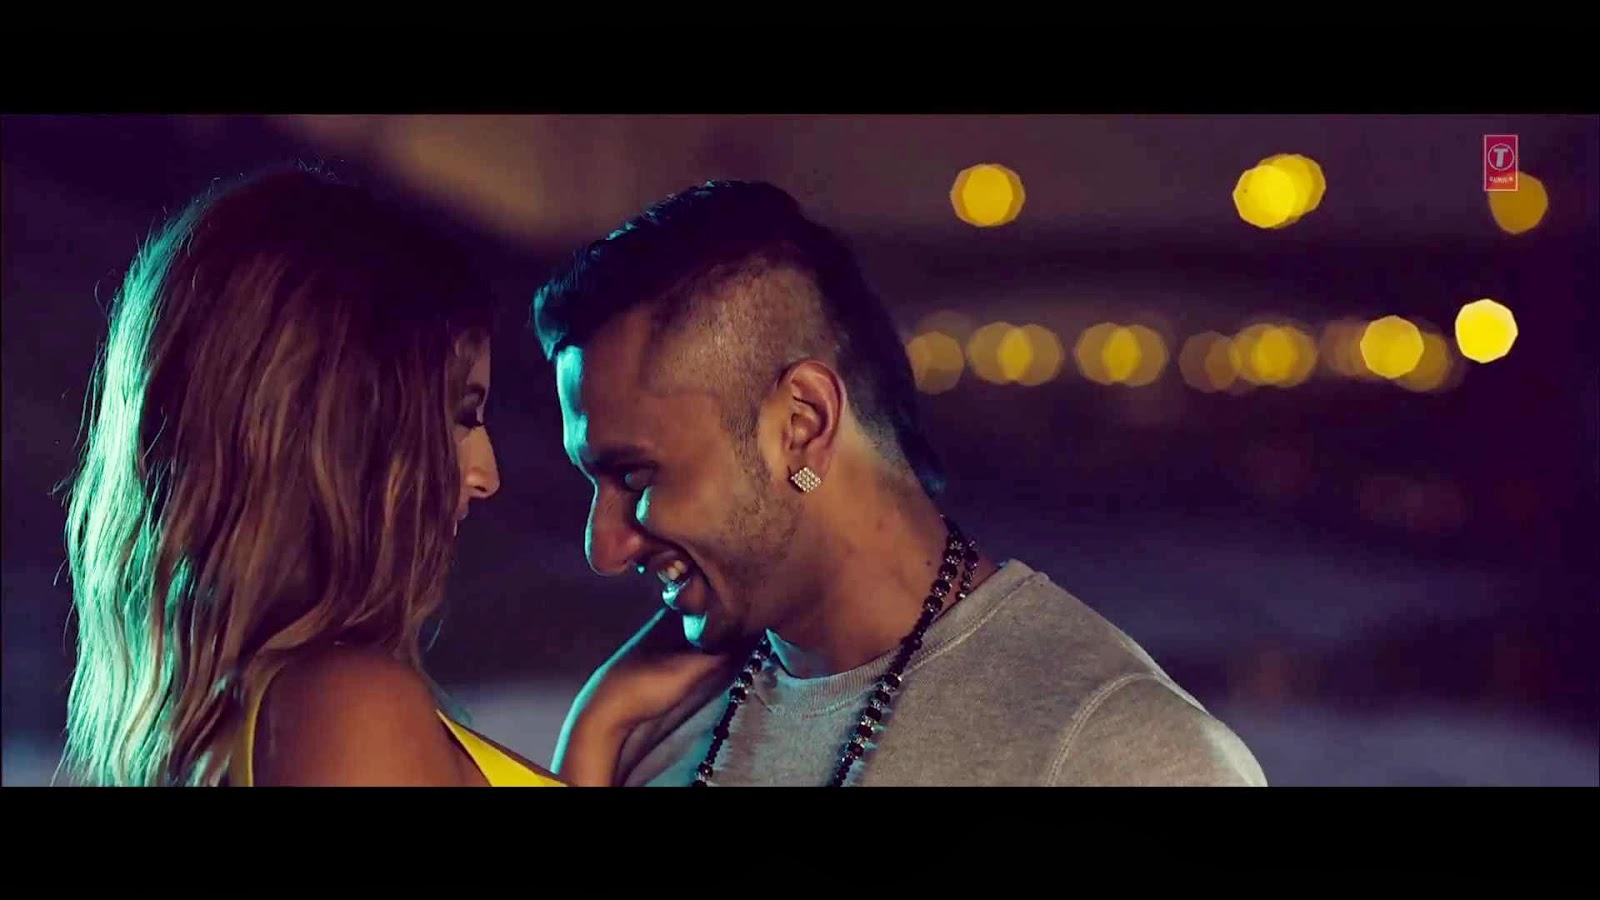 Yo Yo Honey Singh Hd: Yo Yo Honey Singh Greatest Wallpapers New Full Hd